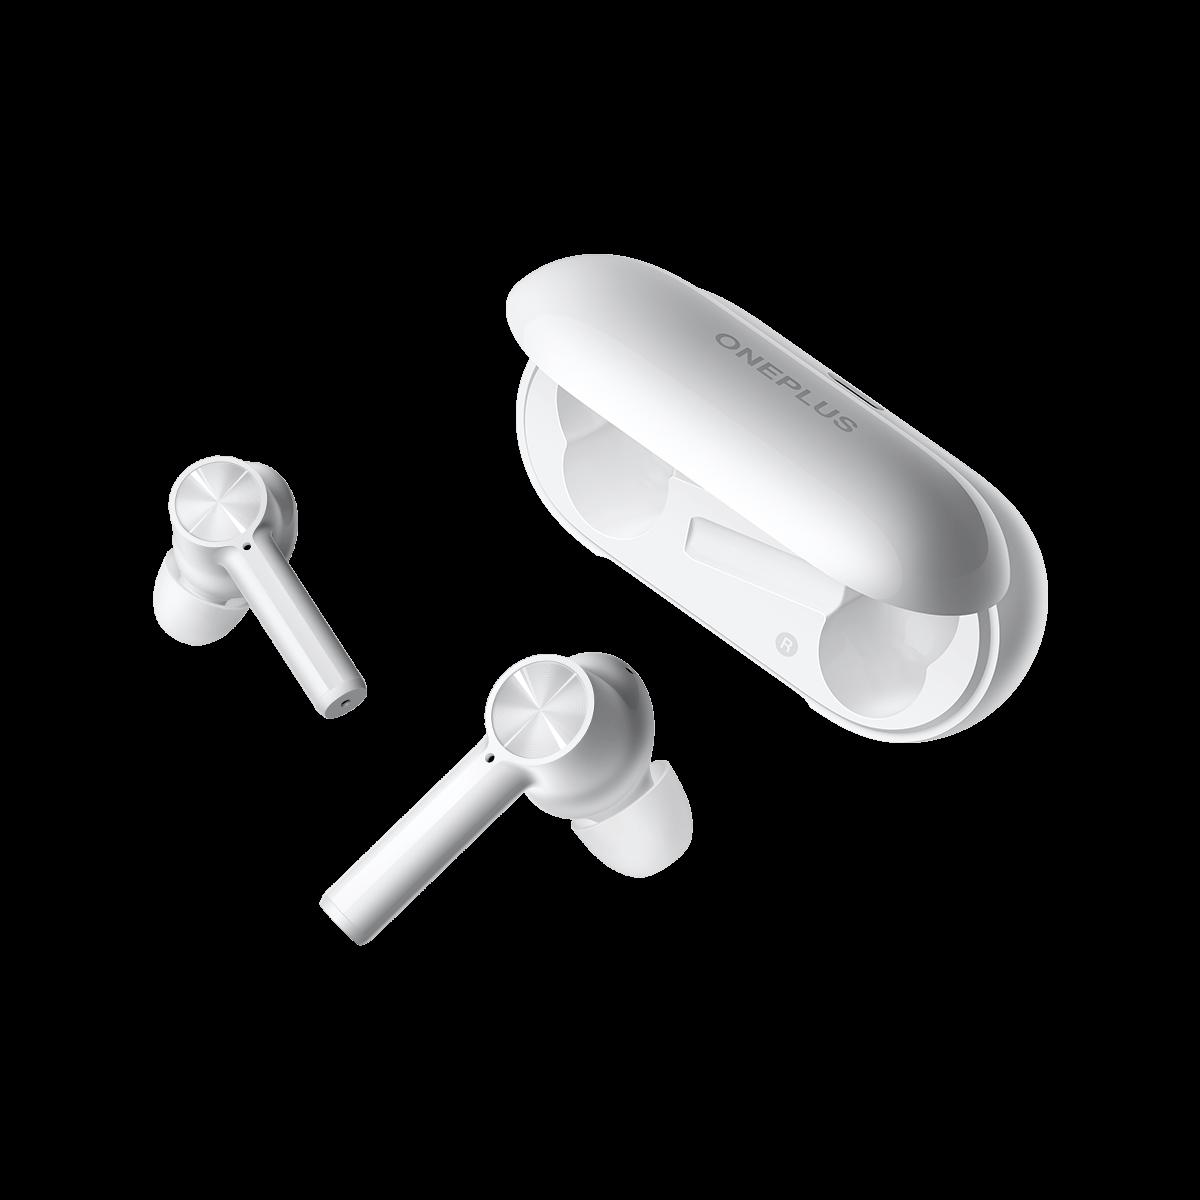 Навушники OnePlus нирки золото Z white